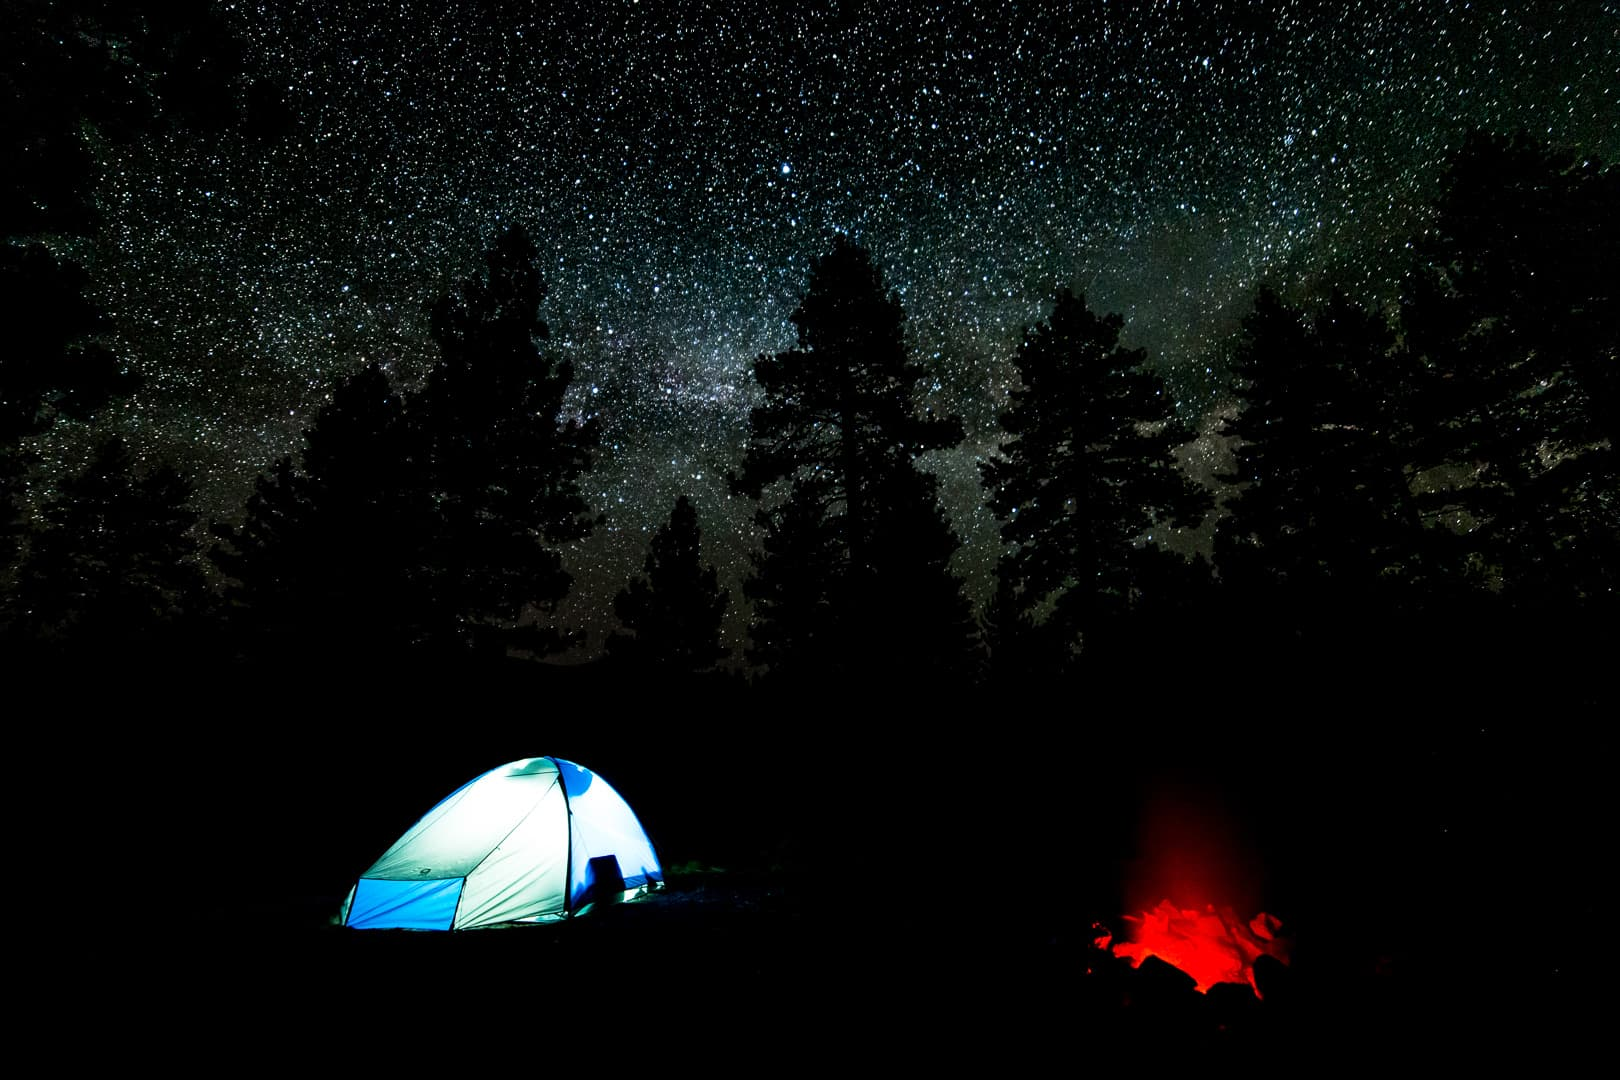 Camp, Big Springs, Eastern Sierra, May 2018